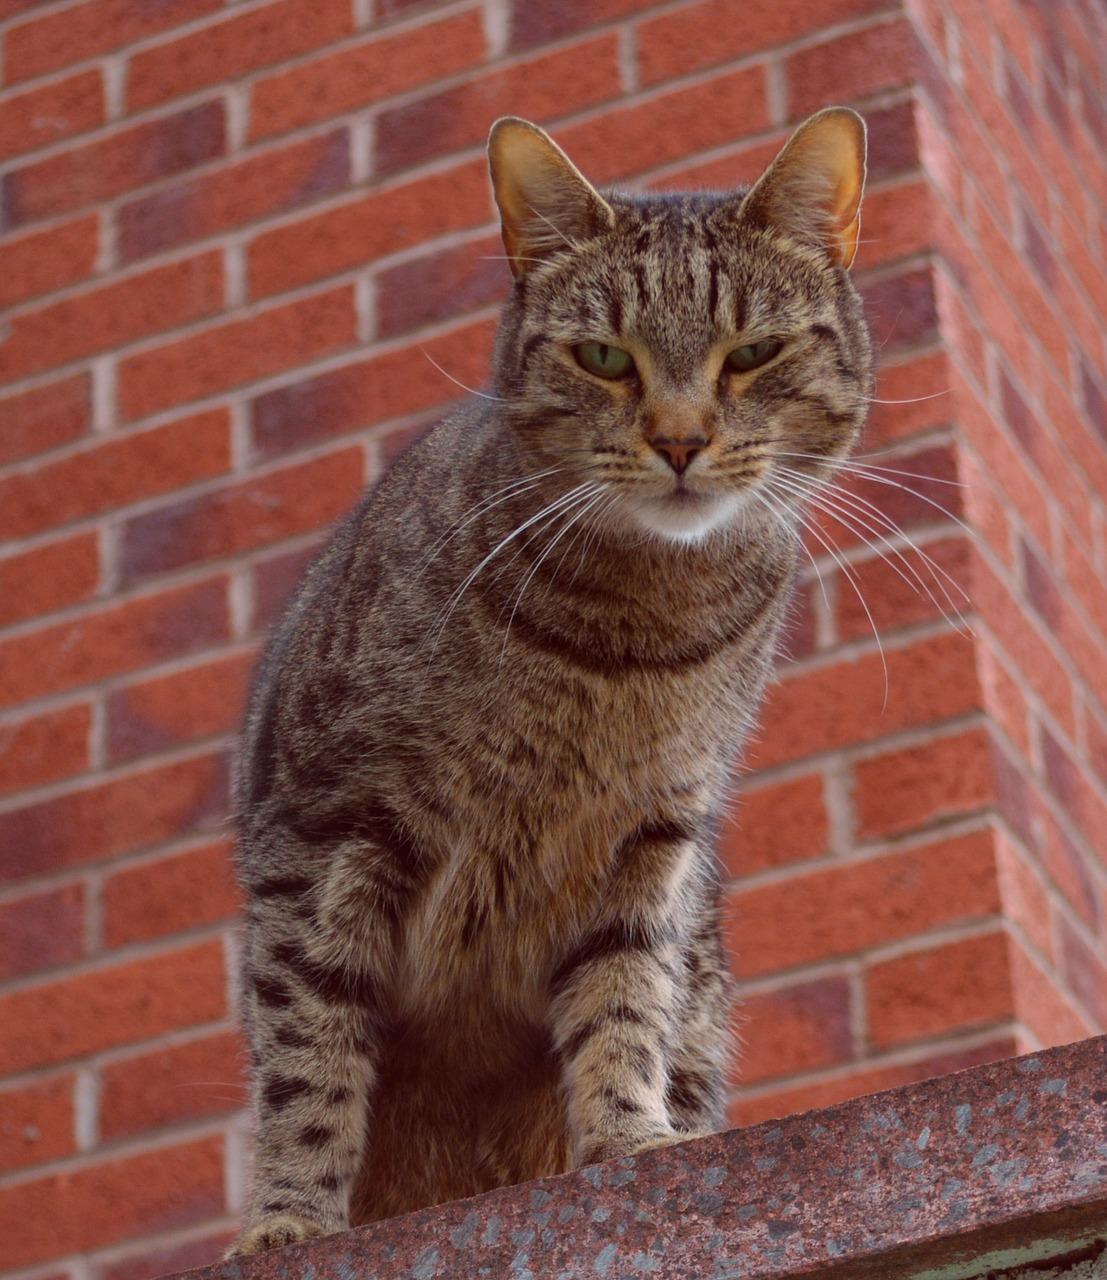 Kucing Licik Potret   Foto gratis di Pixabay